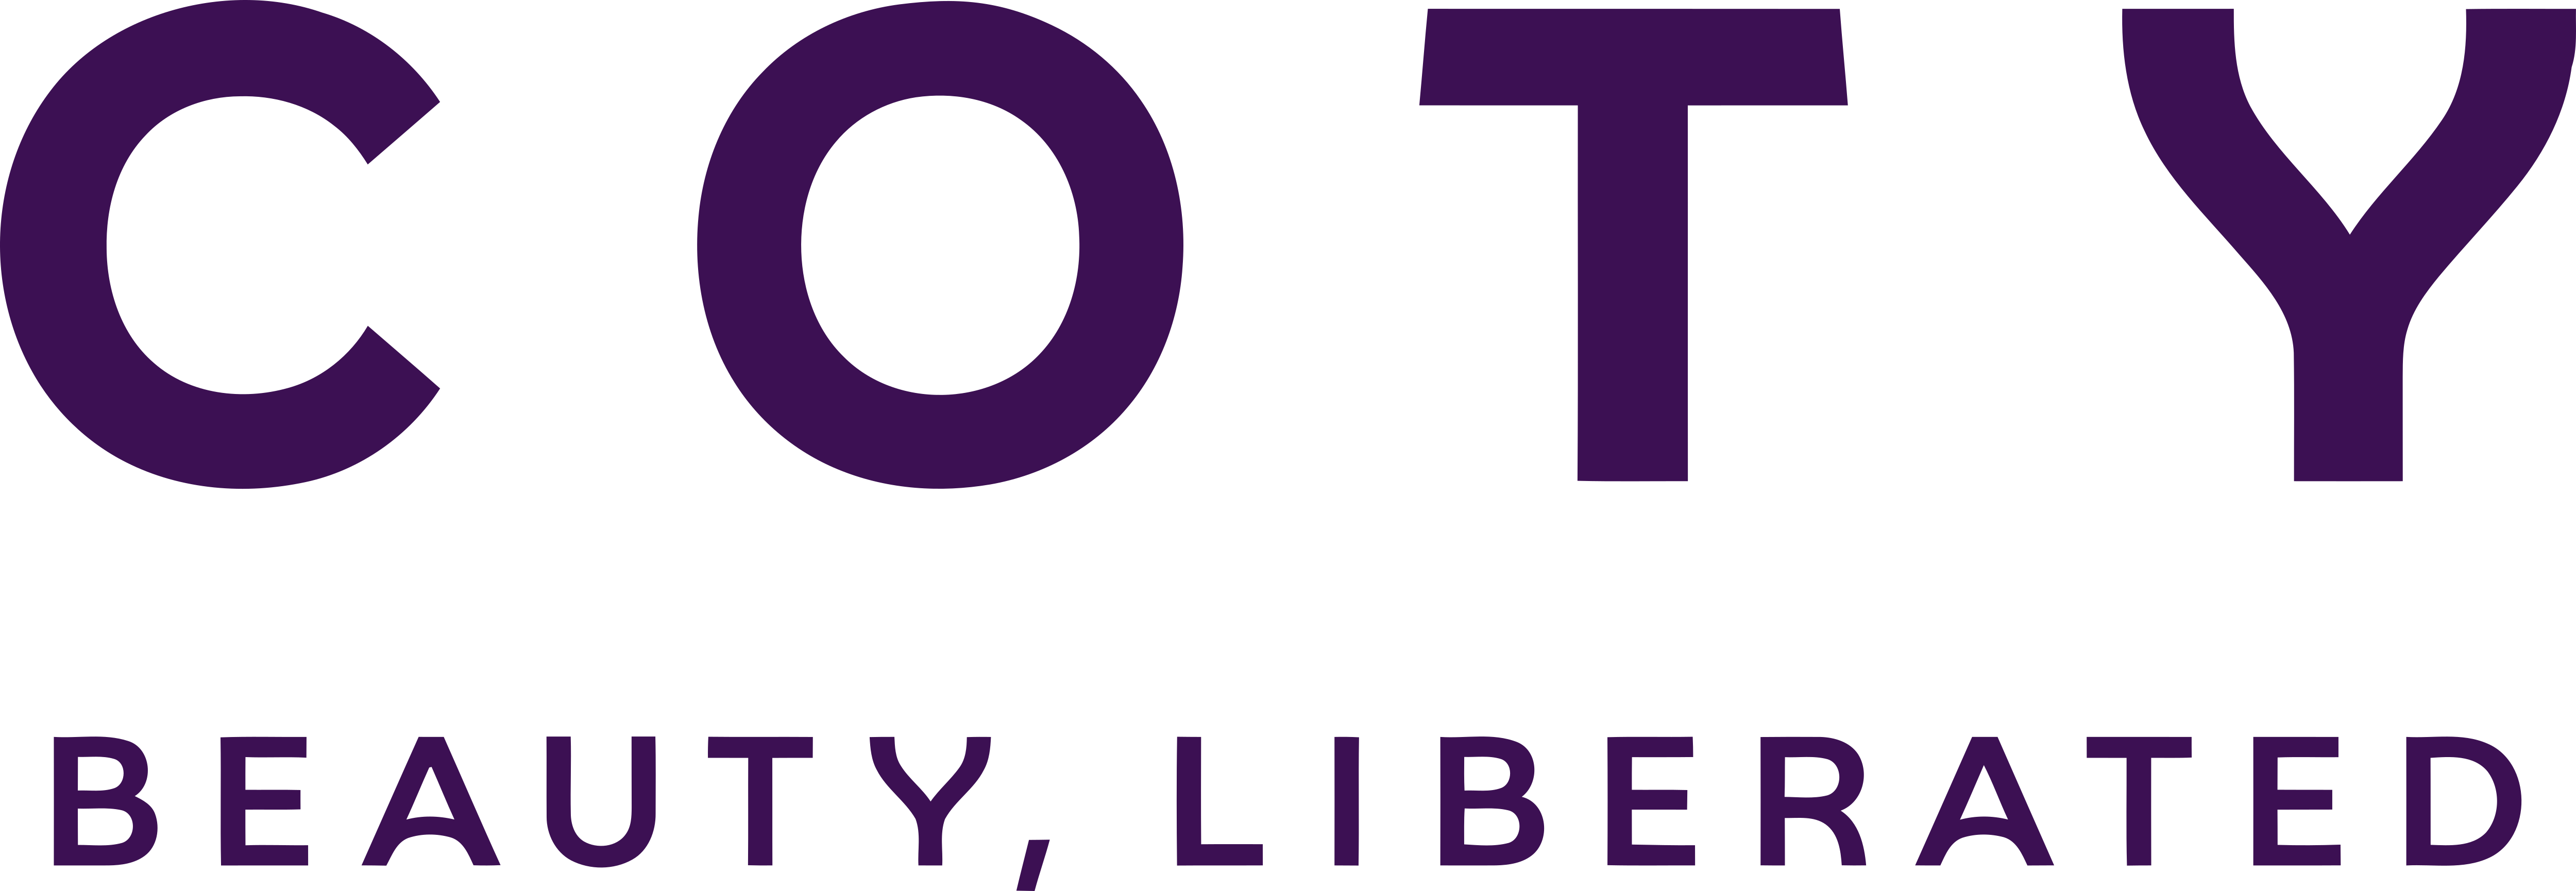 Coty_Inc._Logo